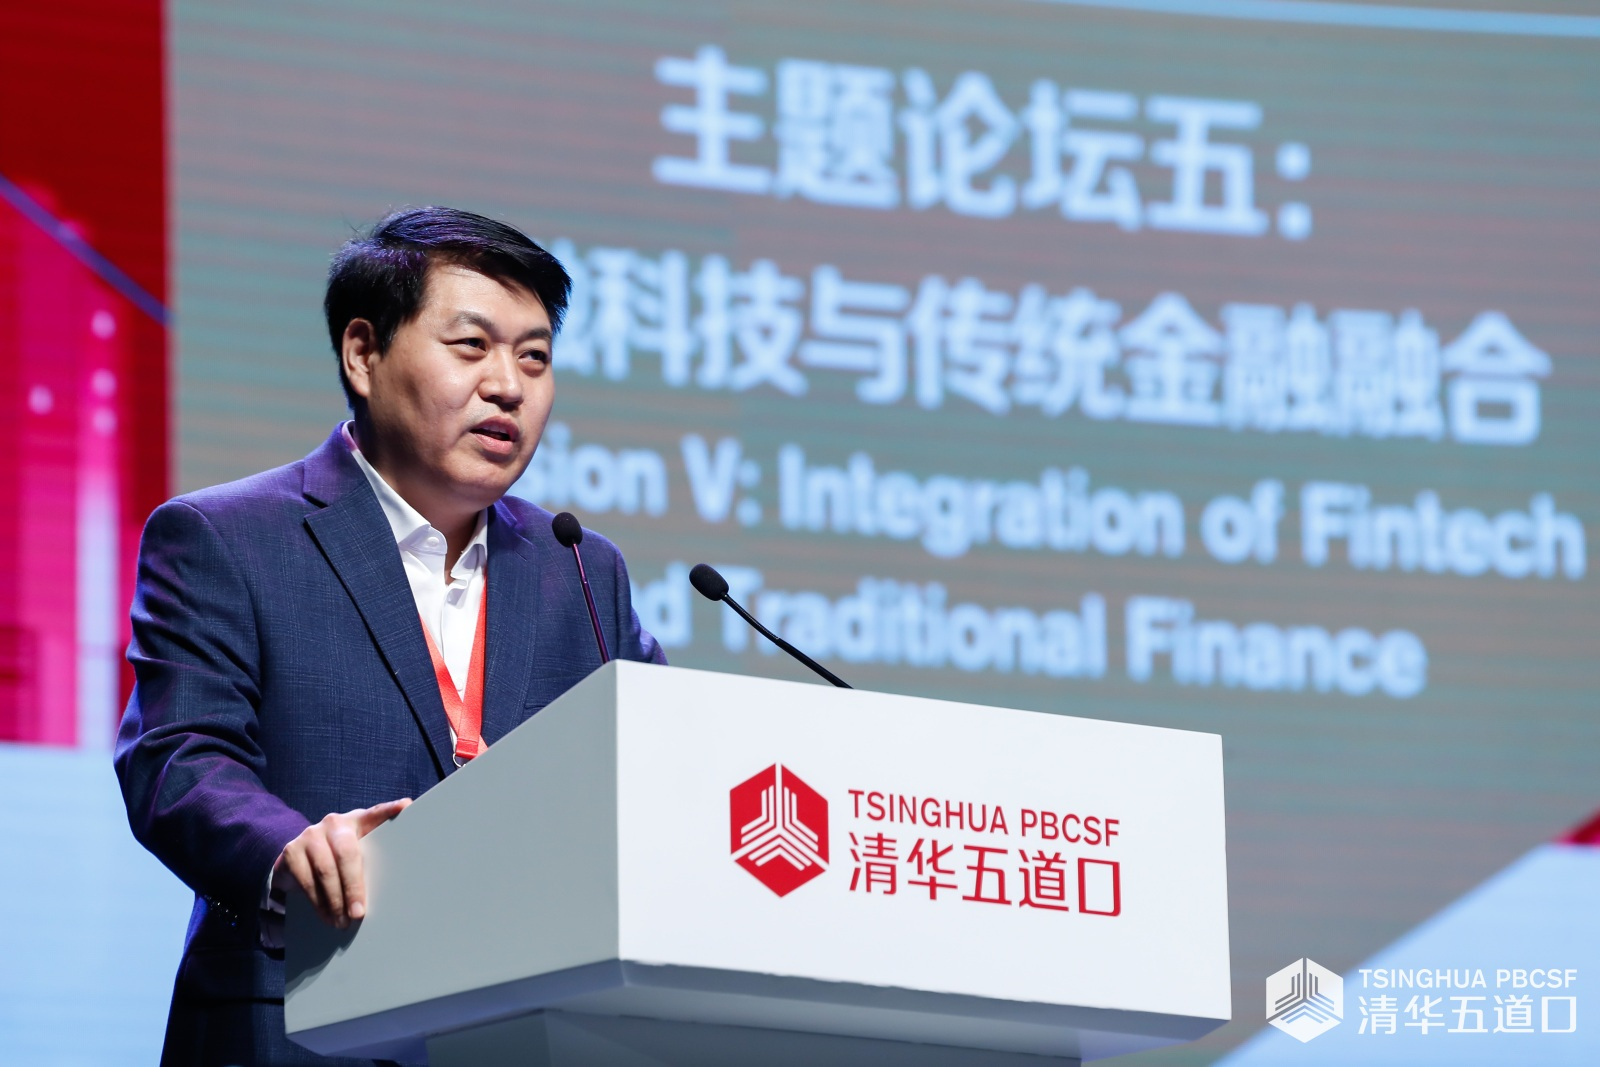 百信银行行长李如东:开放银行应具备三大内涵